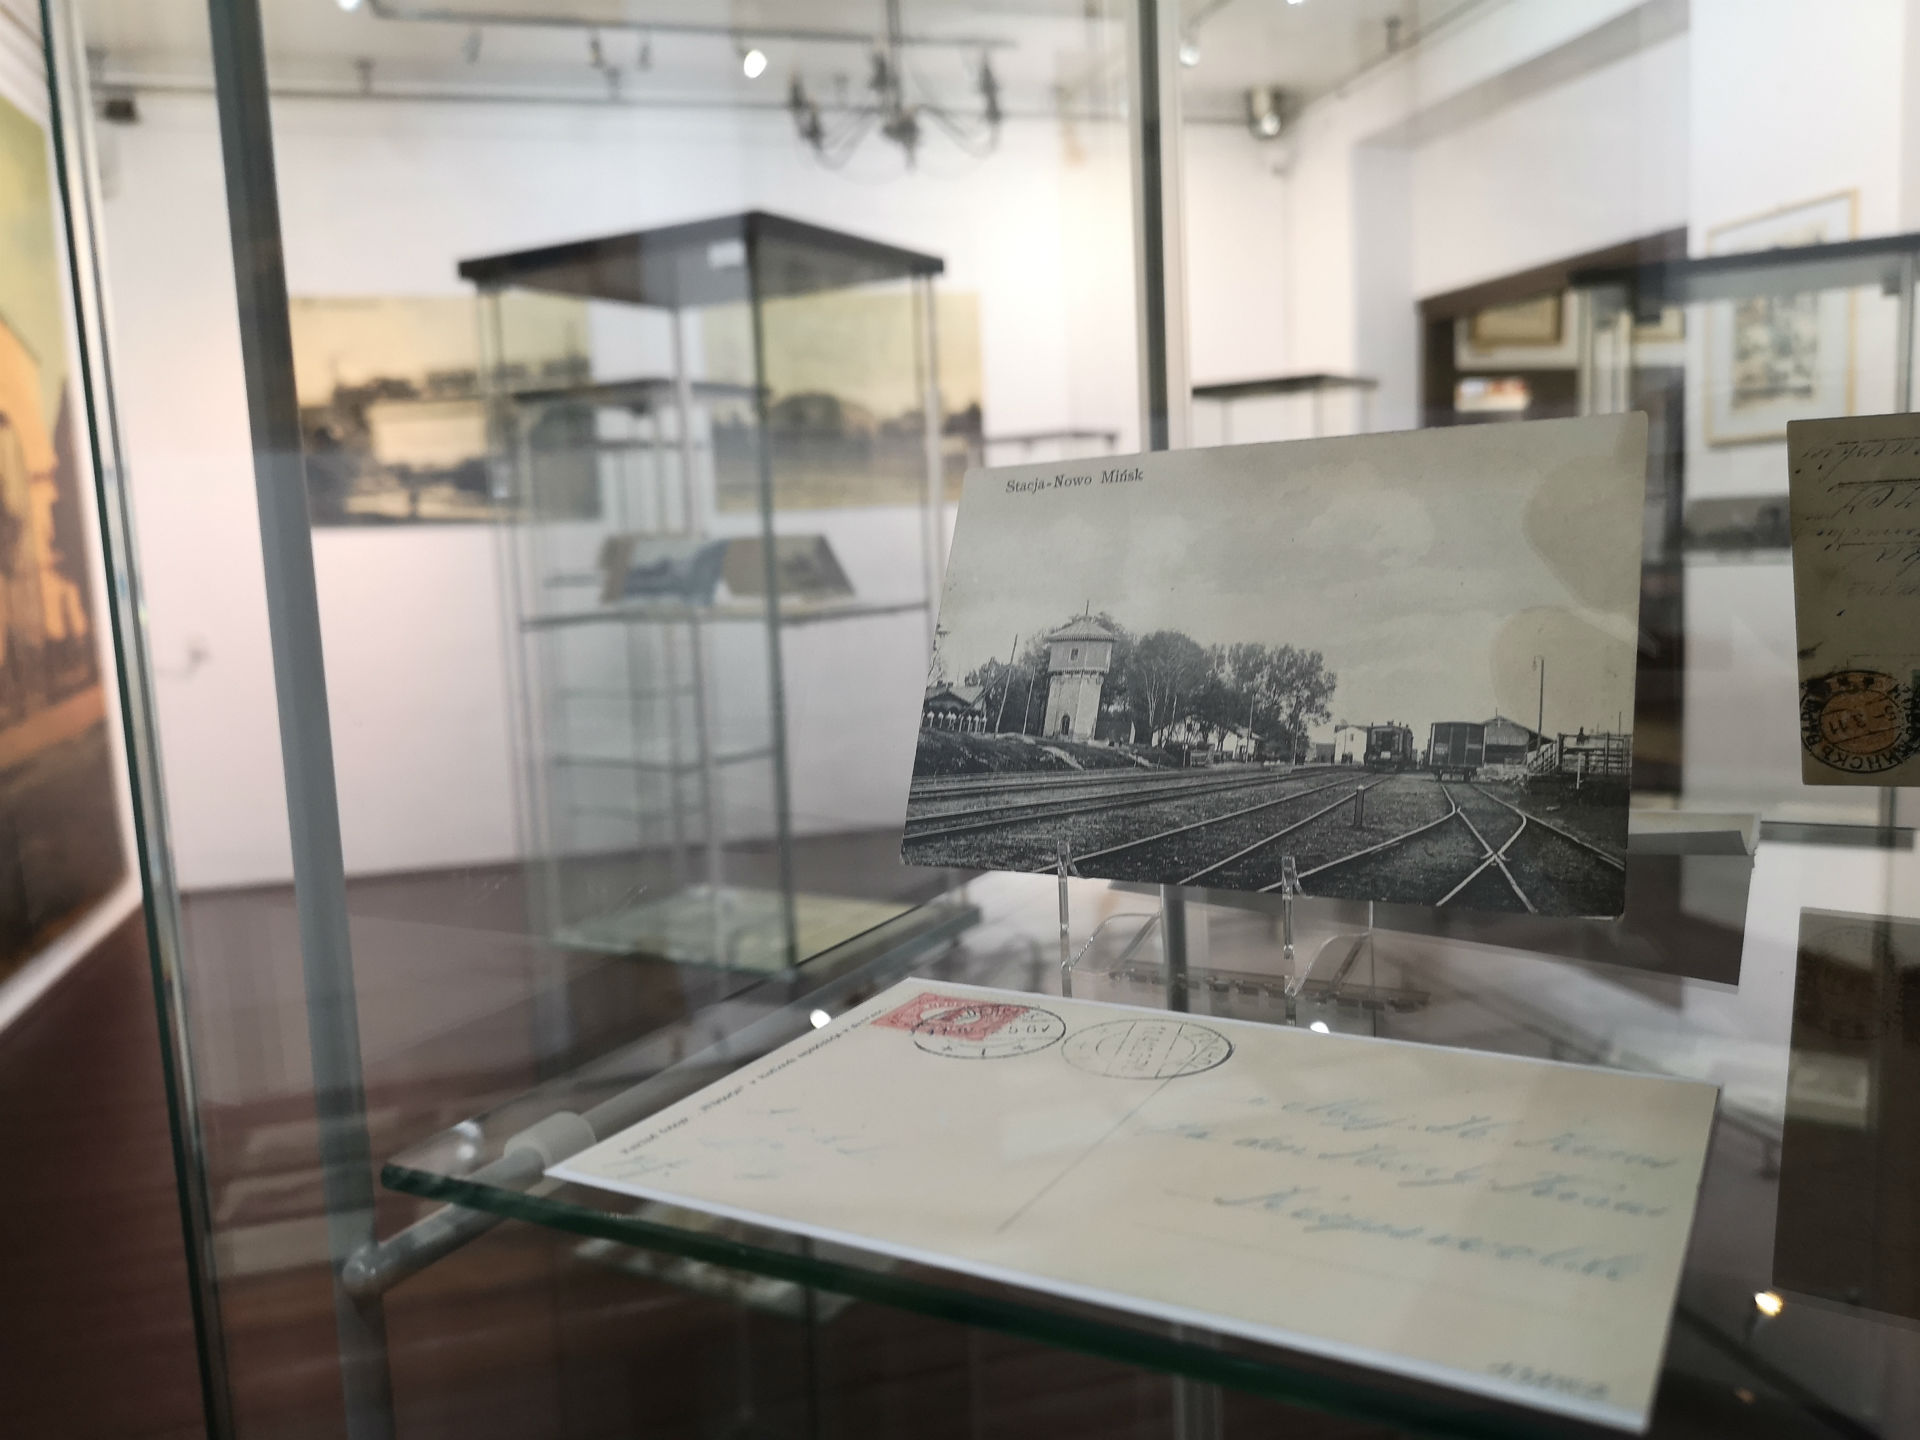 Wnętrze gabloty. Na pierwszym planie pocztówka z historycznym widokiem stacji kolejowej w Mińsku Mazowieckim. W tle reszta ekspozycji.